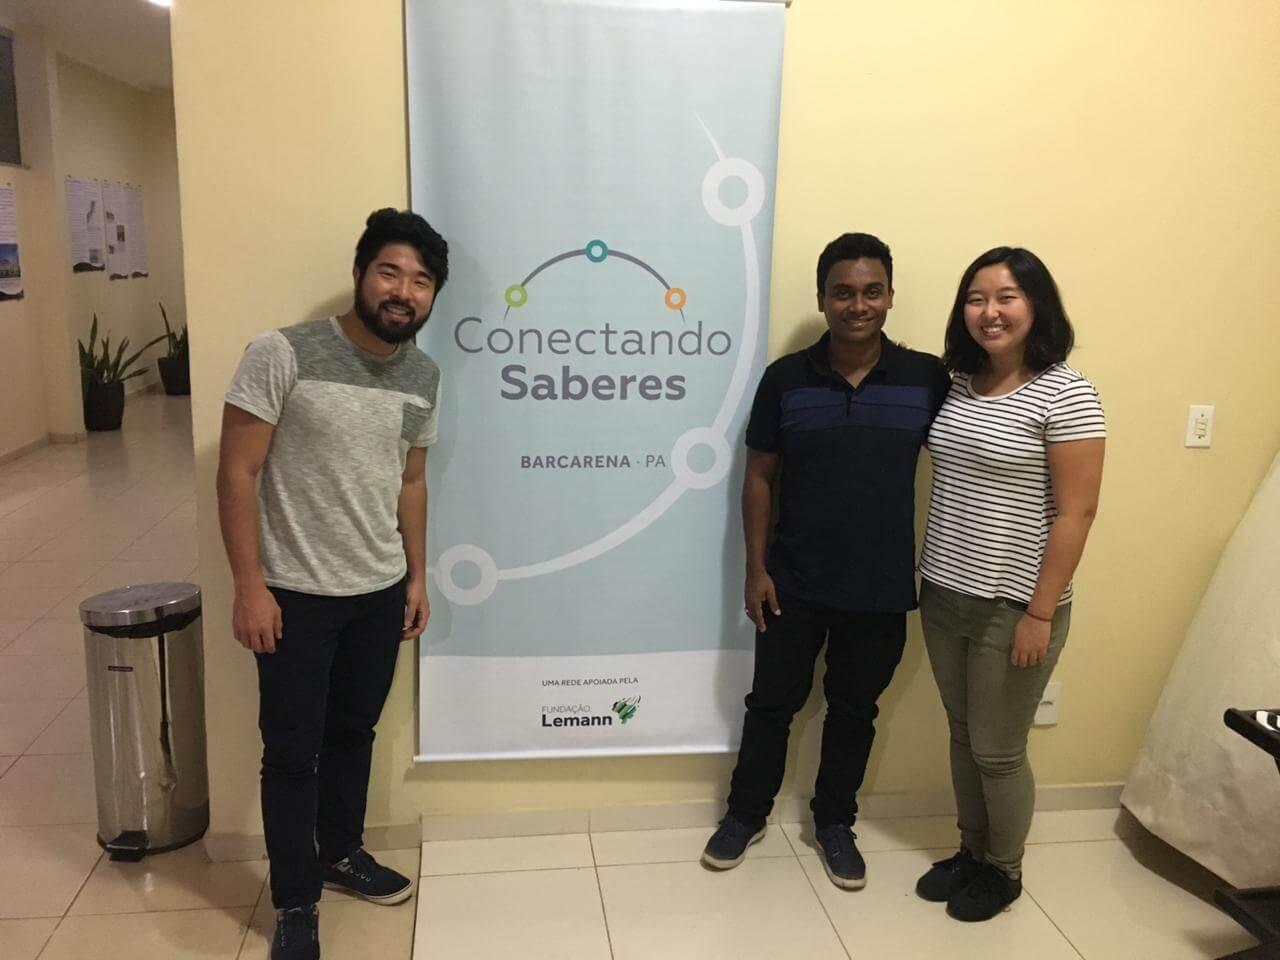 Barcarena recebe visita do #NossaVozTemVez pelo Brasil